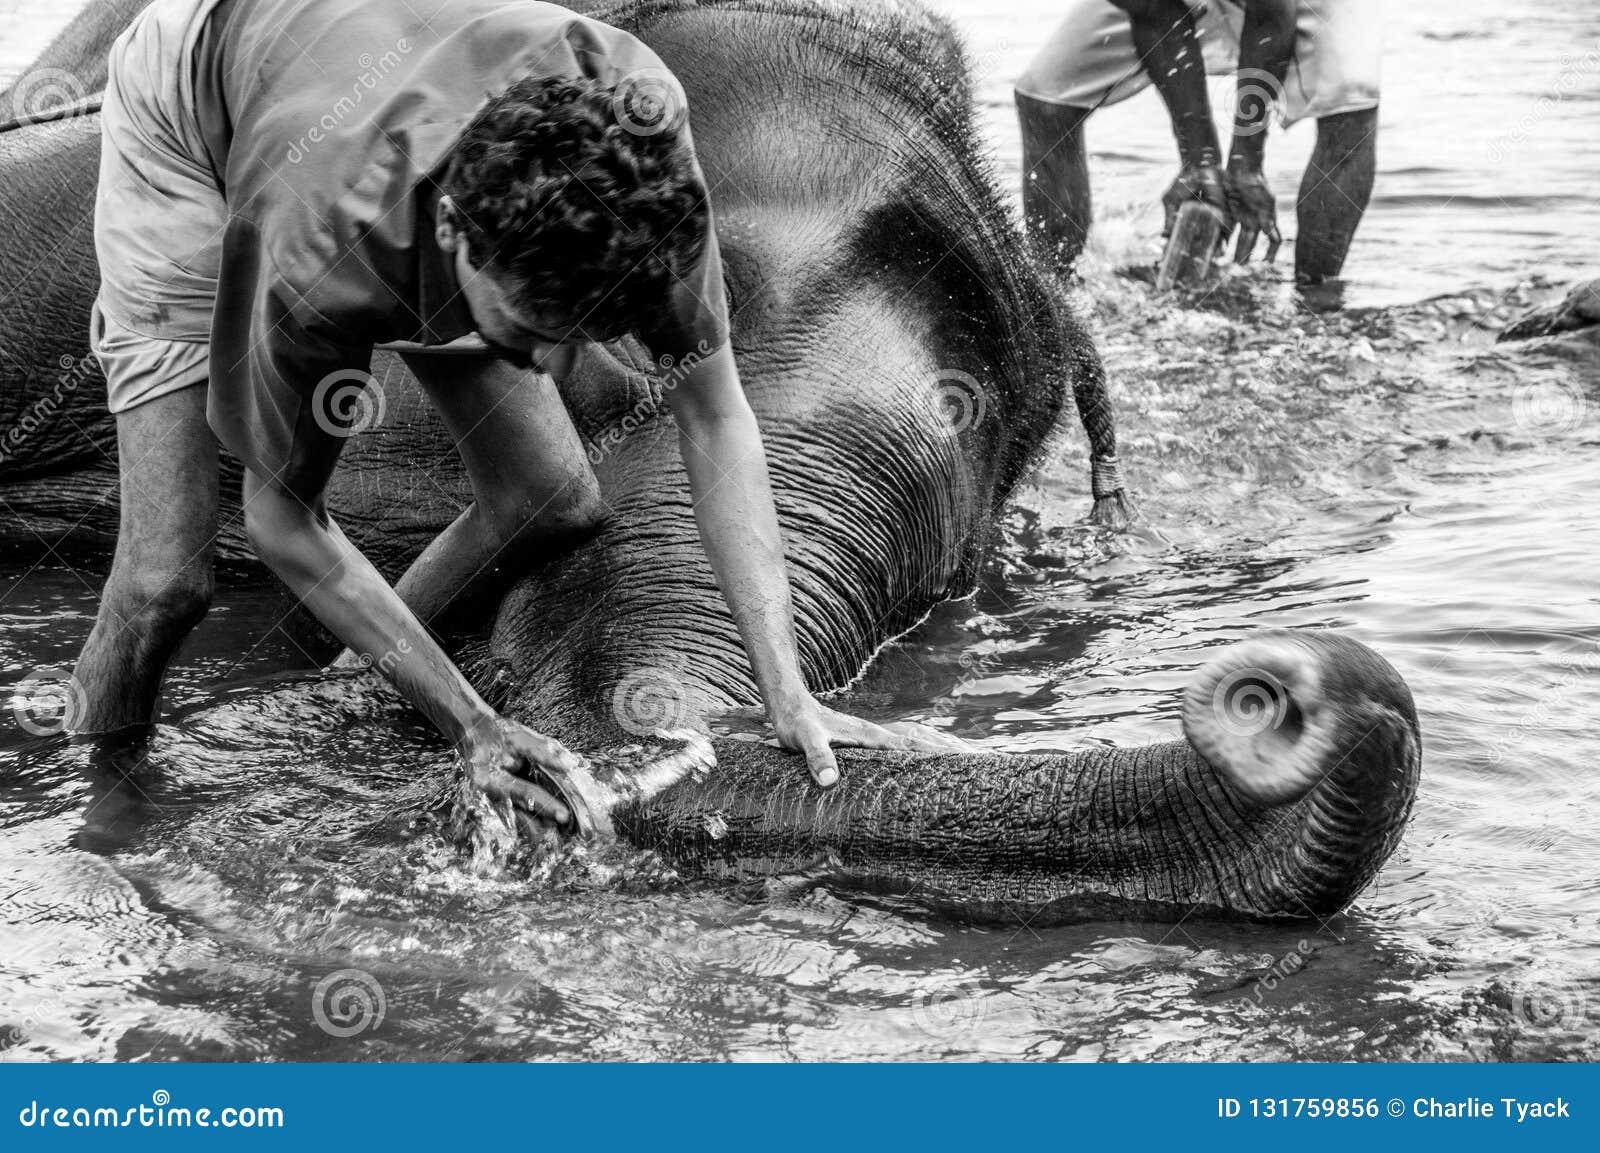 Het Heiligdom van de Kodanadolifant - olifant baden wordt uitgevoerd met diepe bewaarders schoonmakend de zwart-witte boomstam -